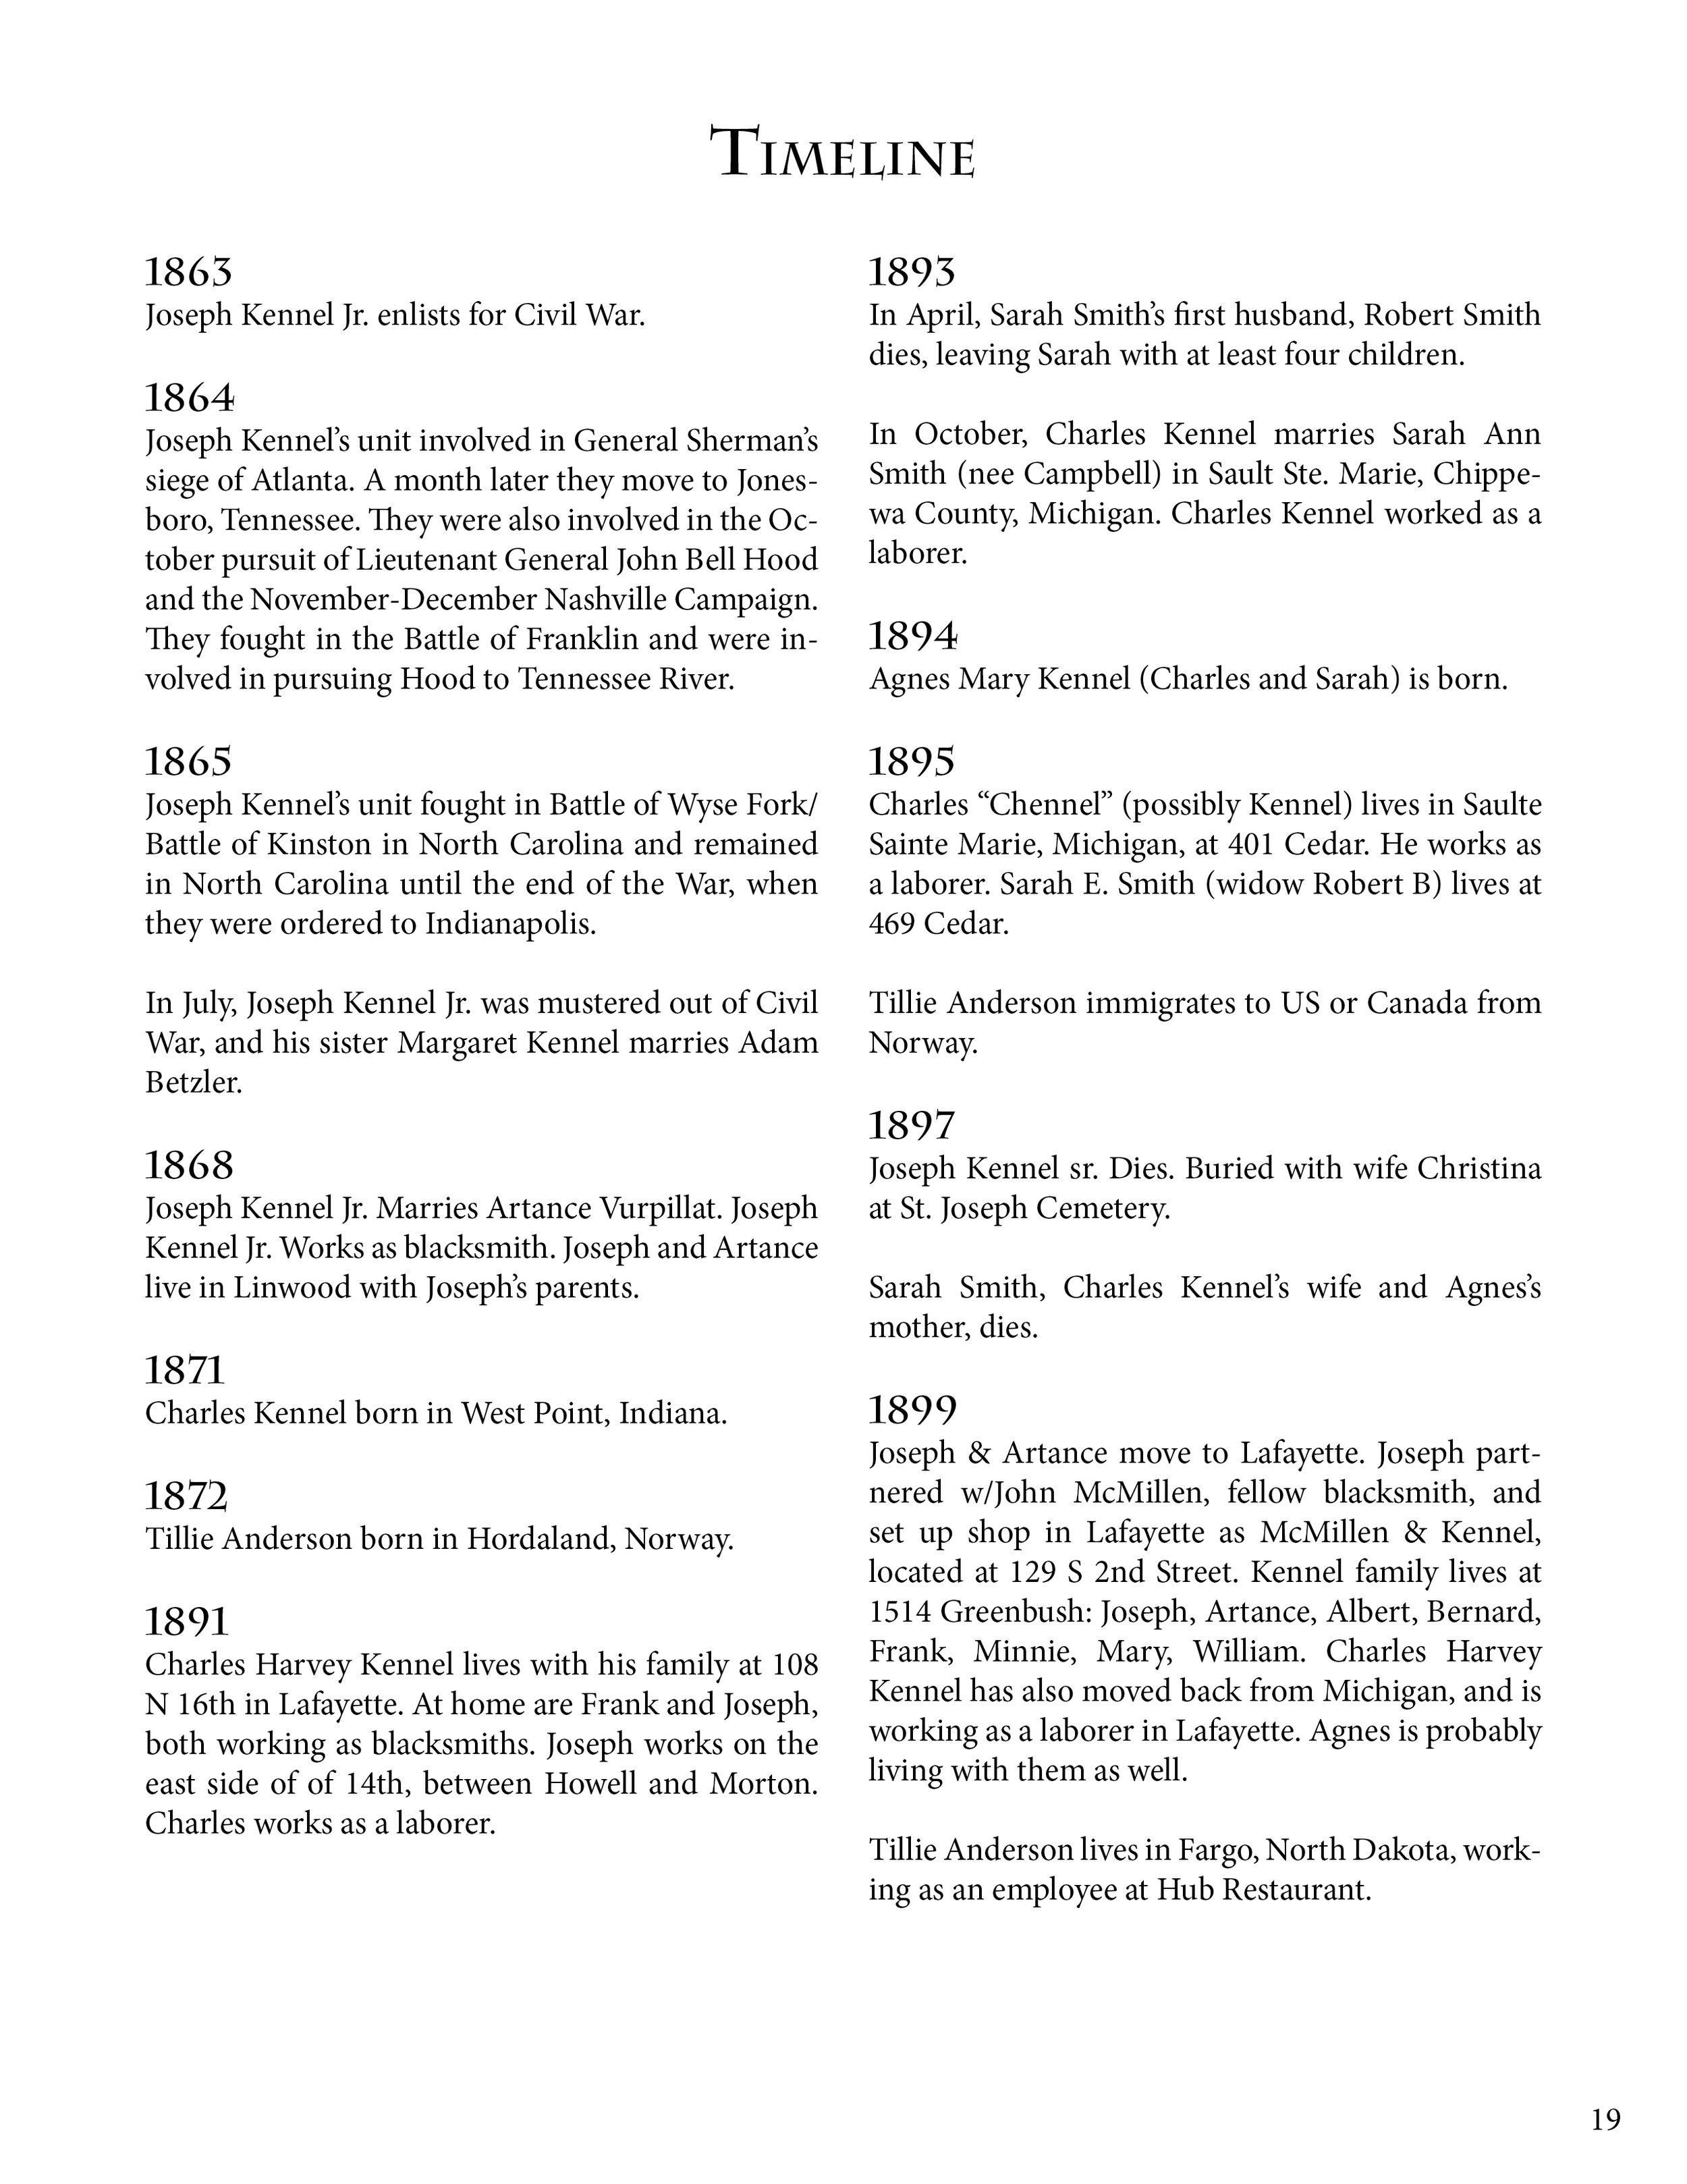 Kennel Family History Sample19.jpg